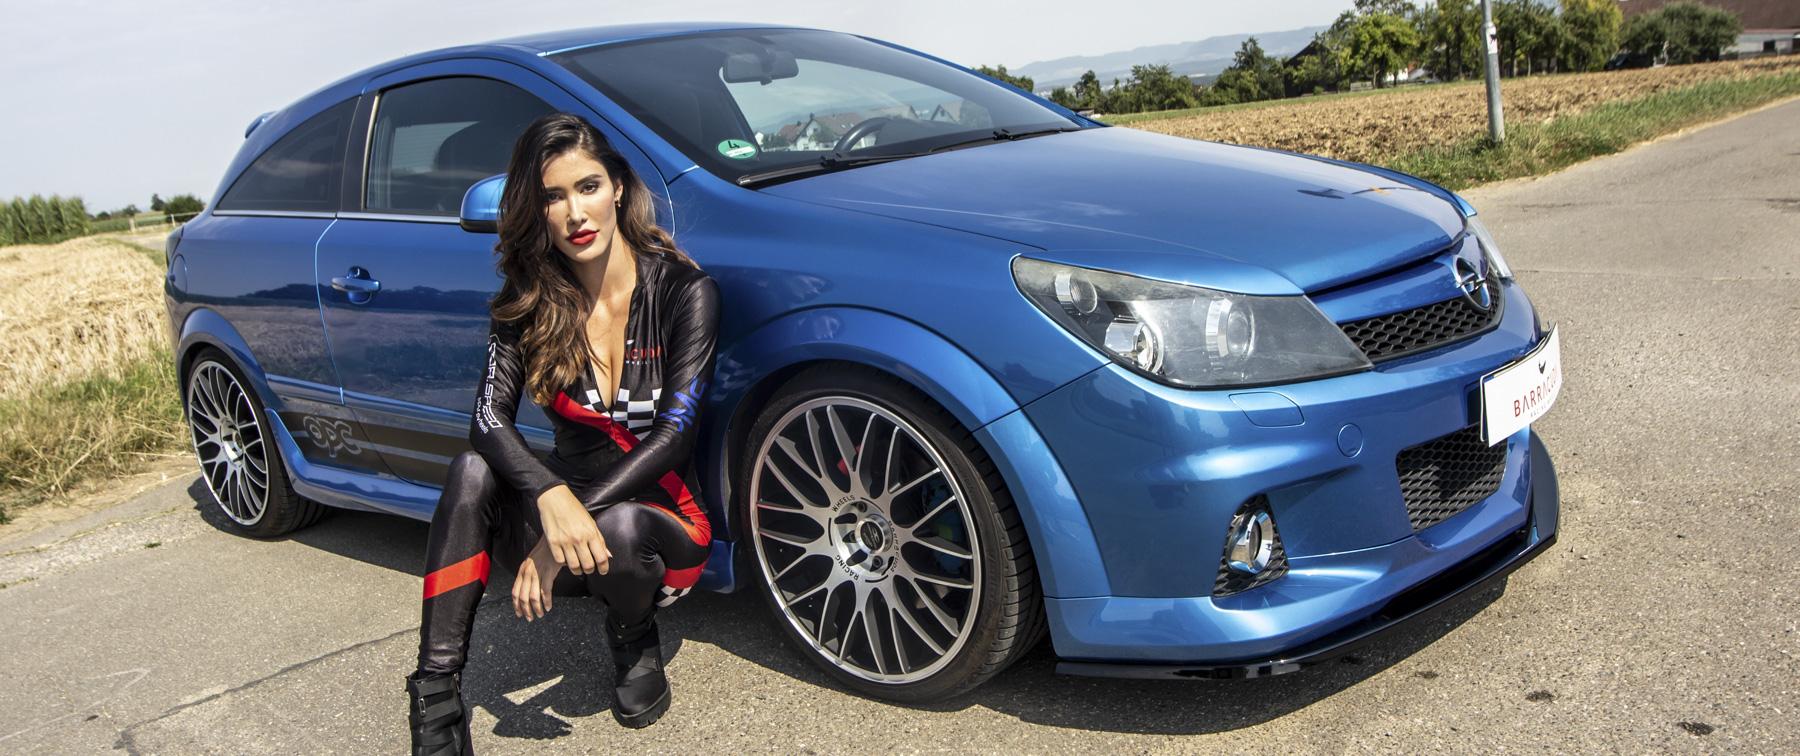 Opel – Astra – Blau – BARRACUDA – Karizzma – Silber – 19 Zoll